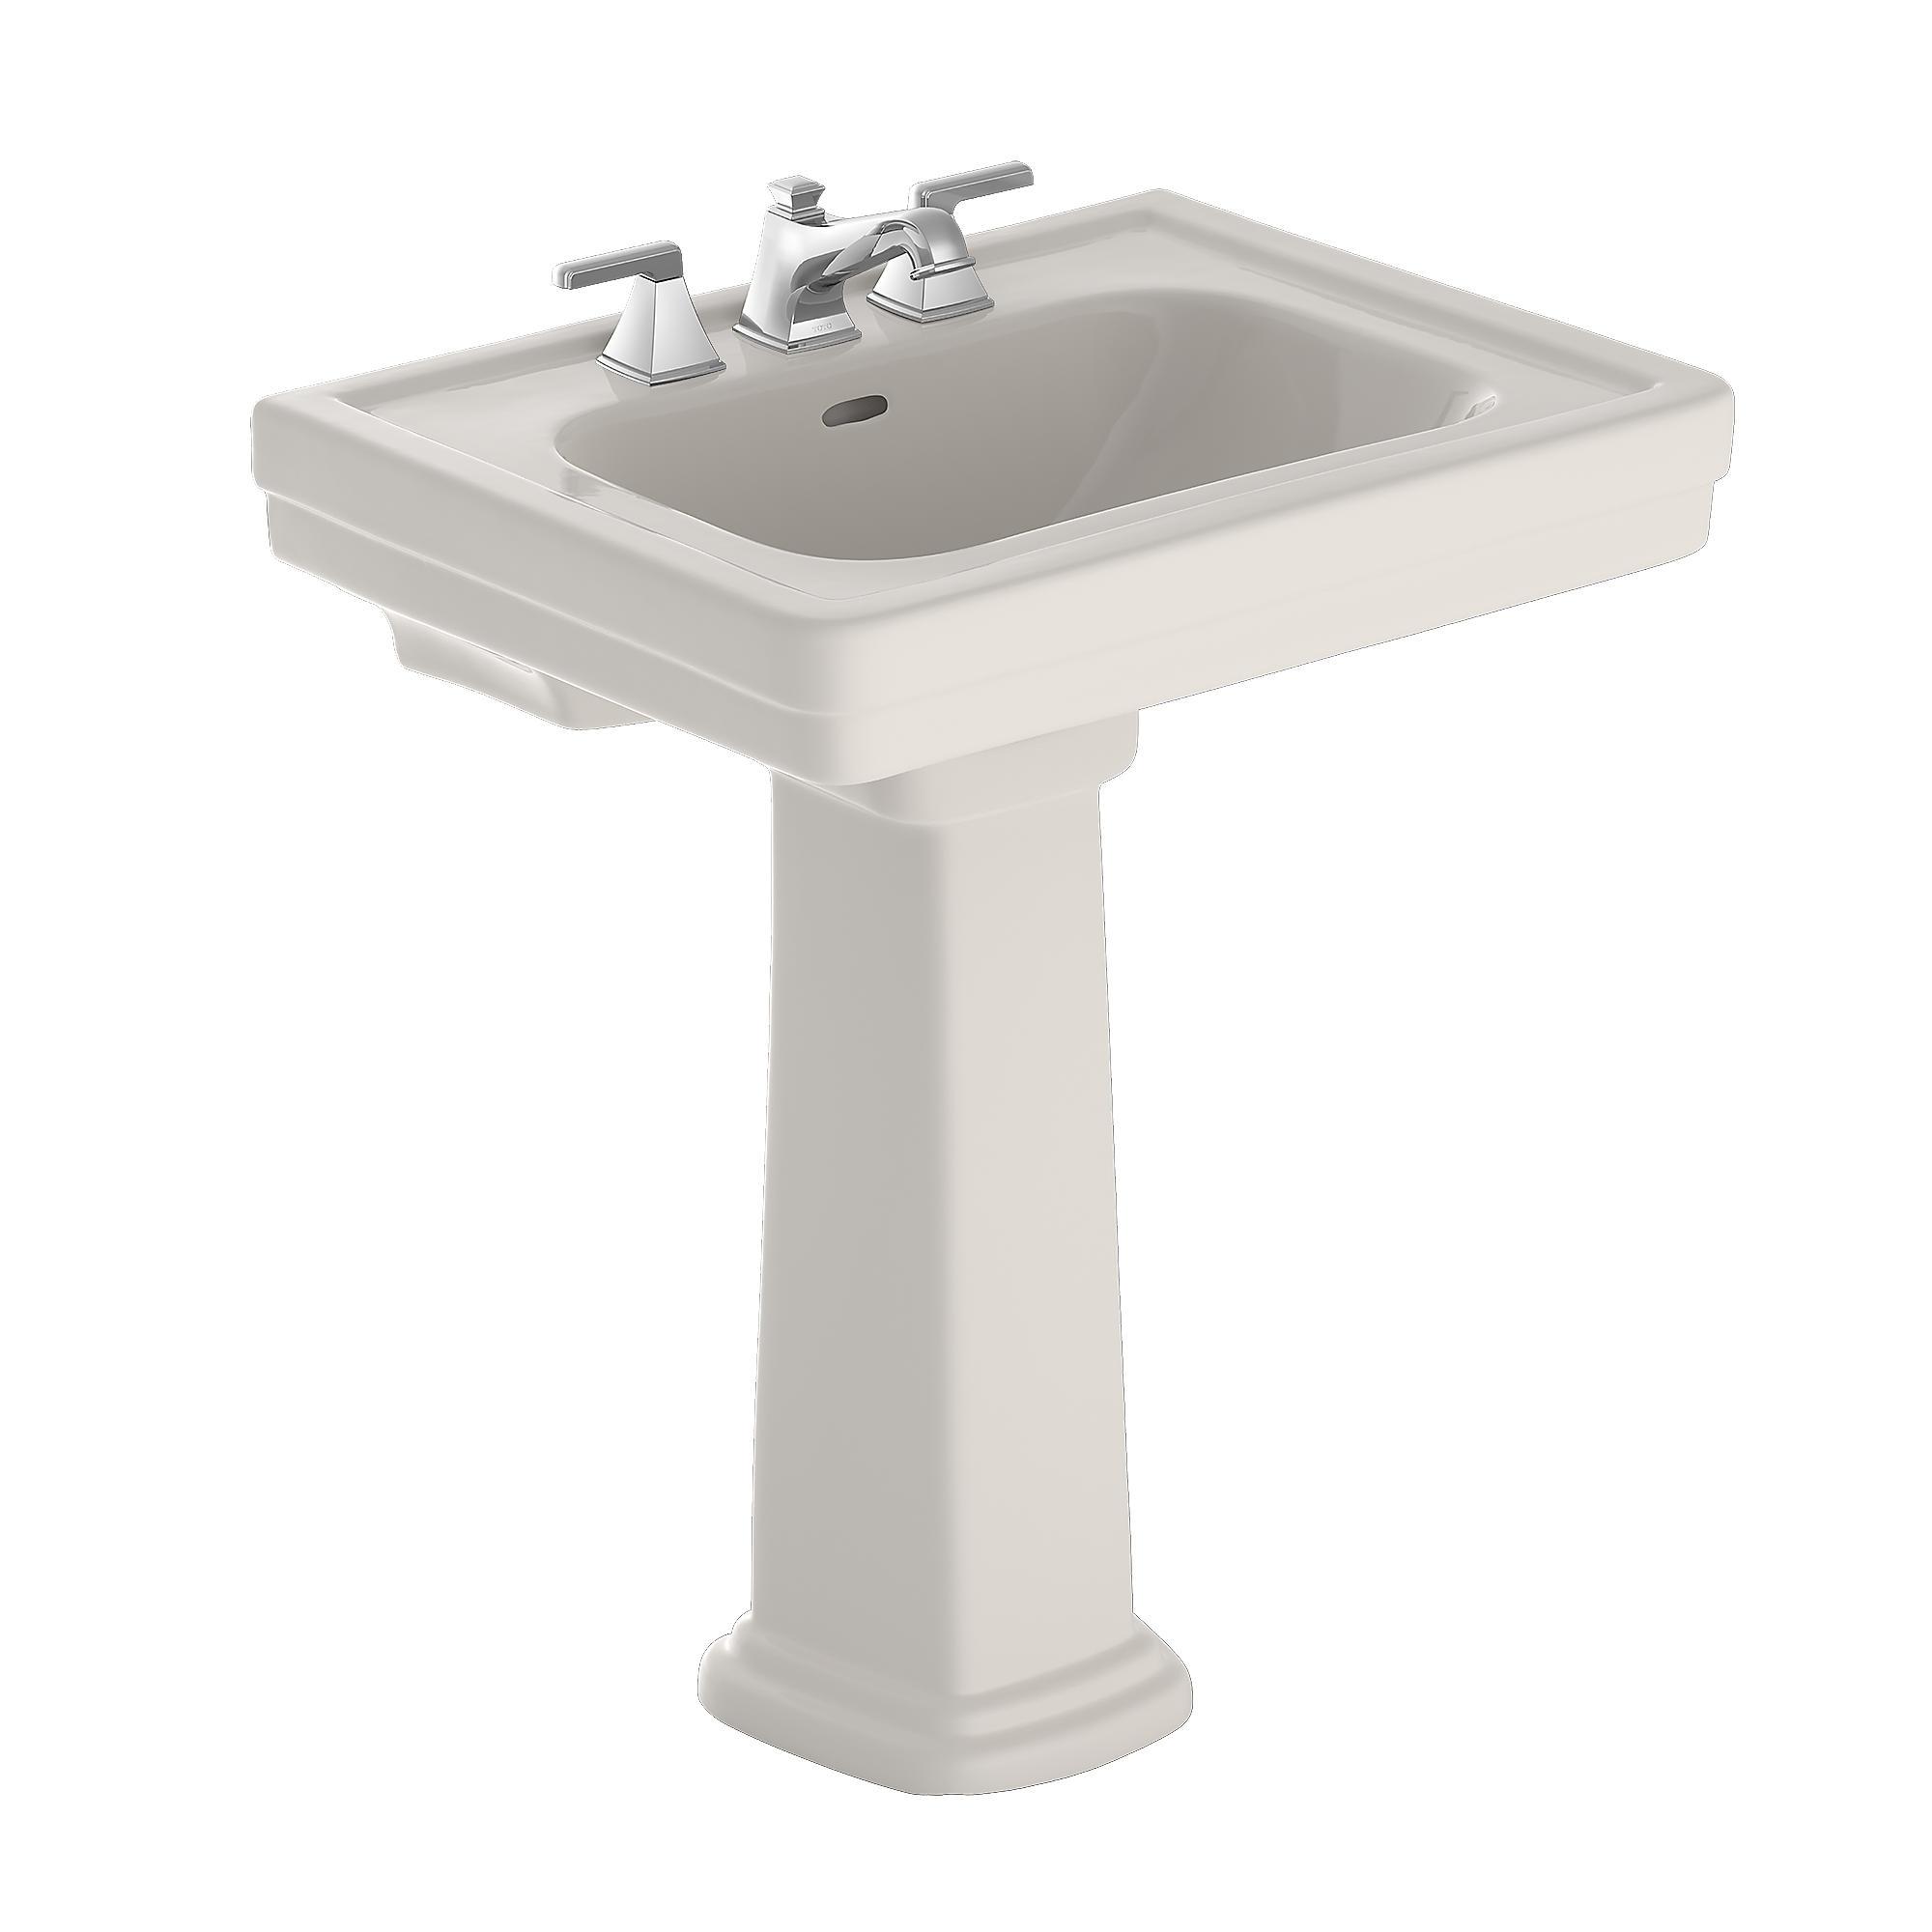 Lpt530n 12 promenade  pedestal lavatory 0